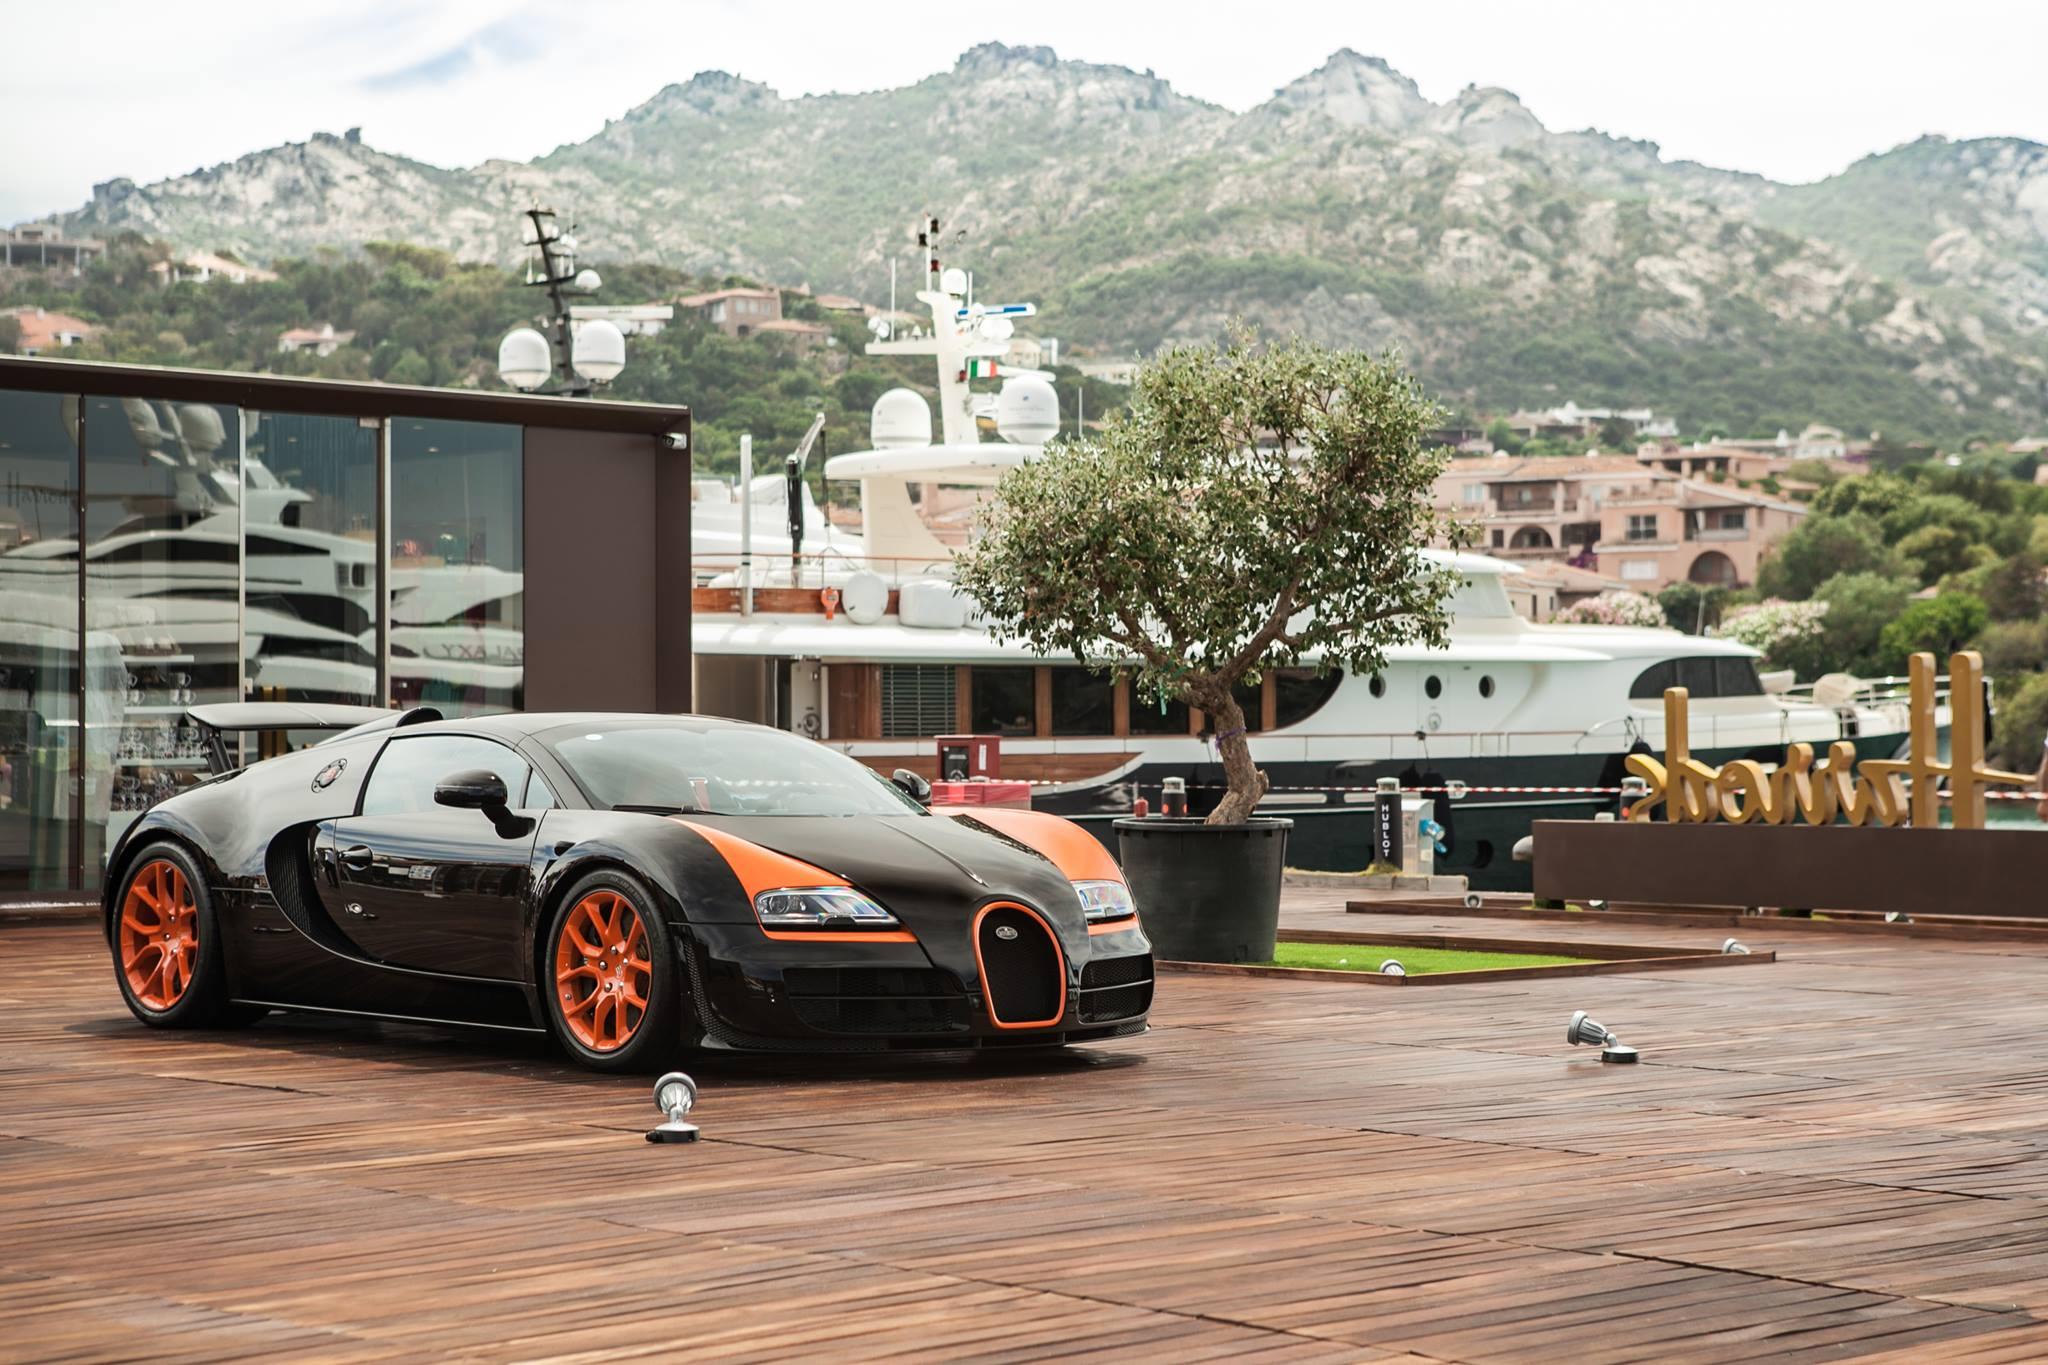 Bugatti lifestyle store Porto-Cervo